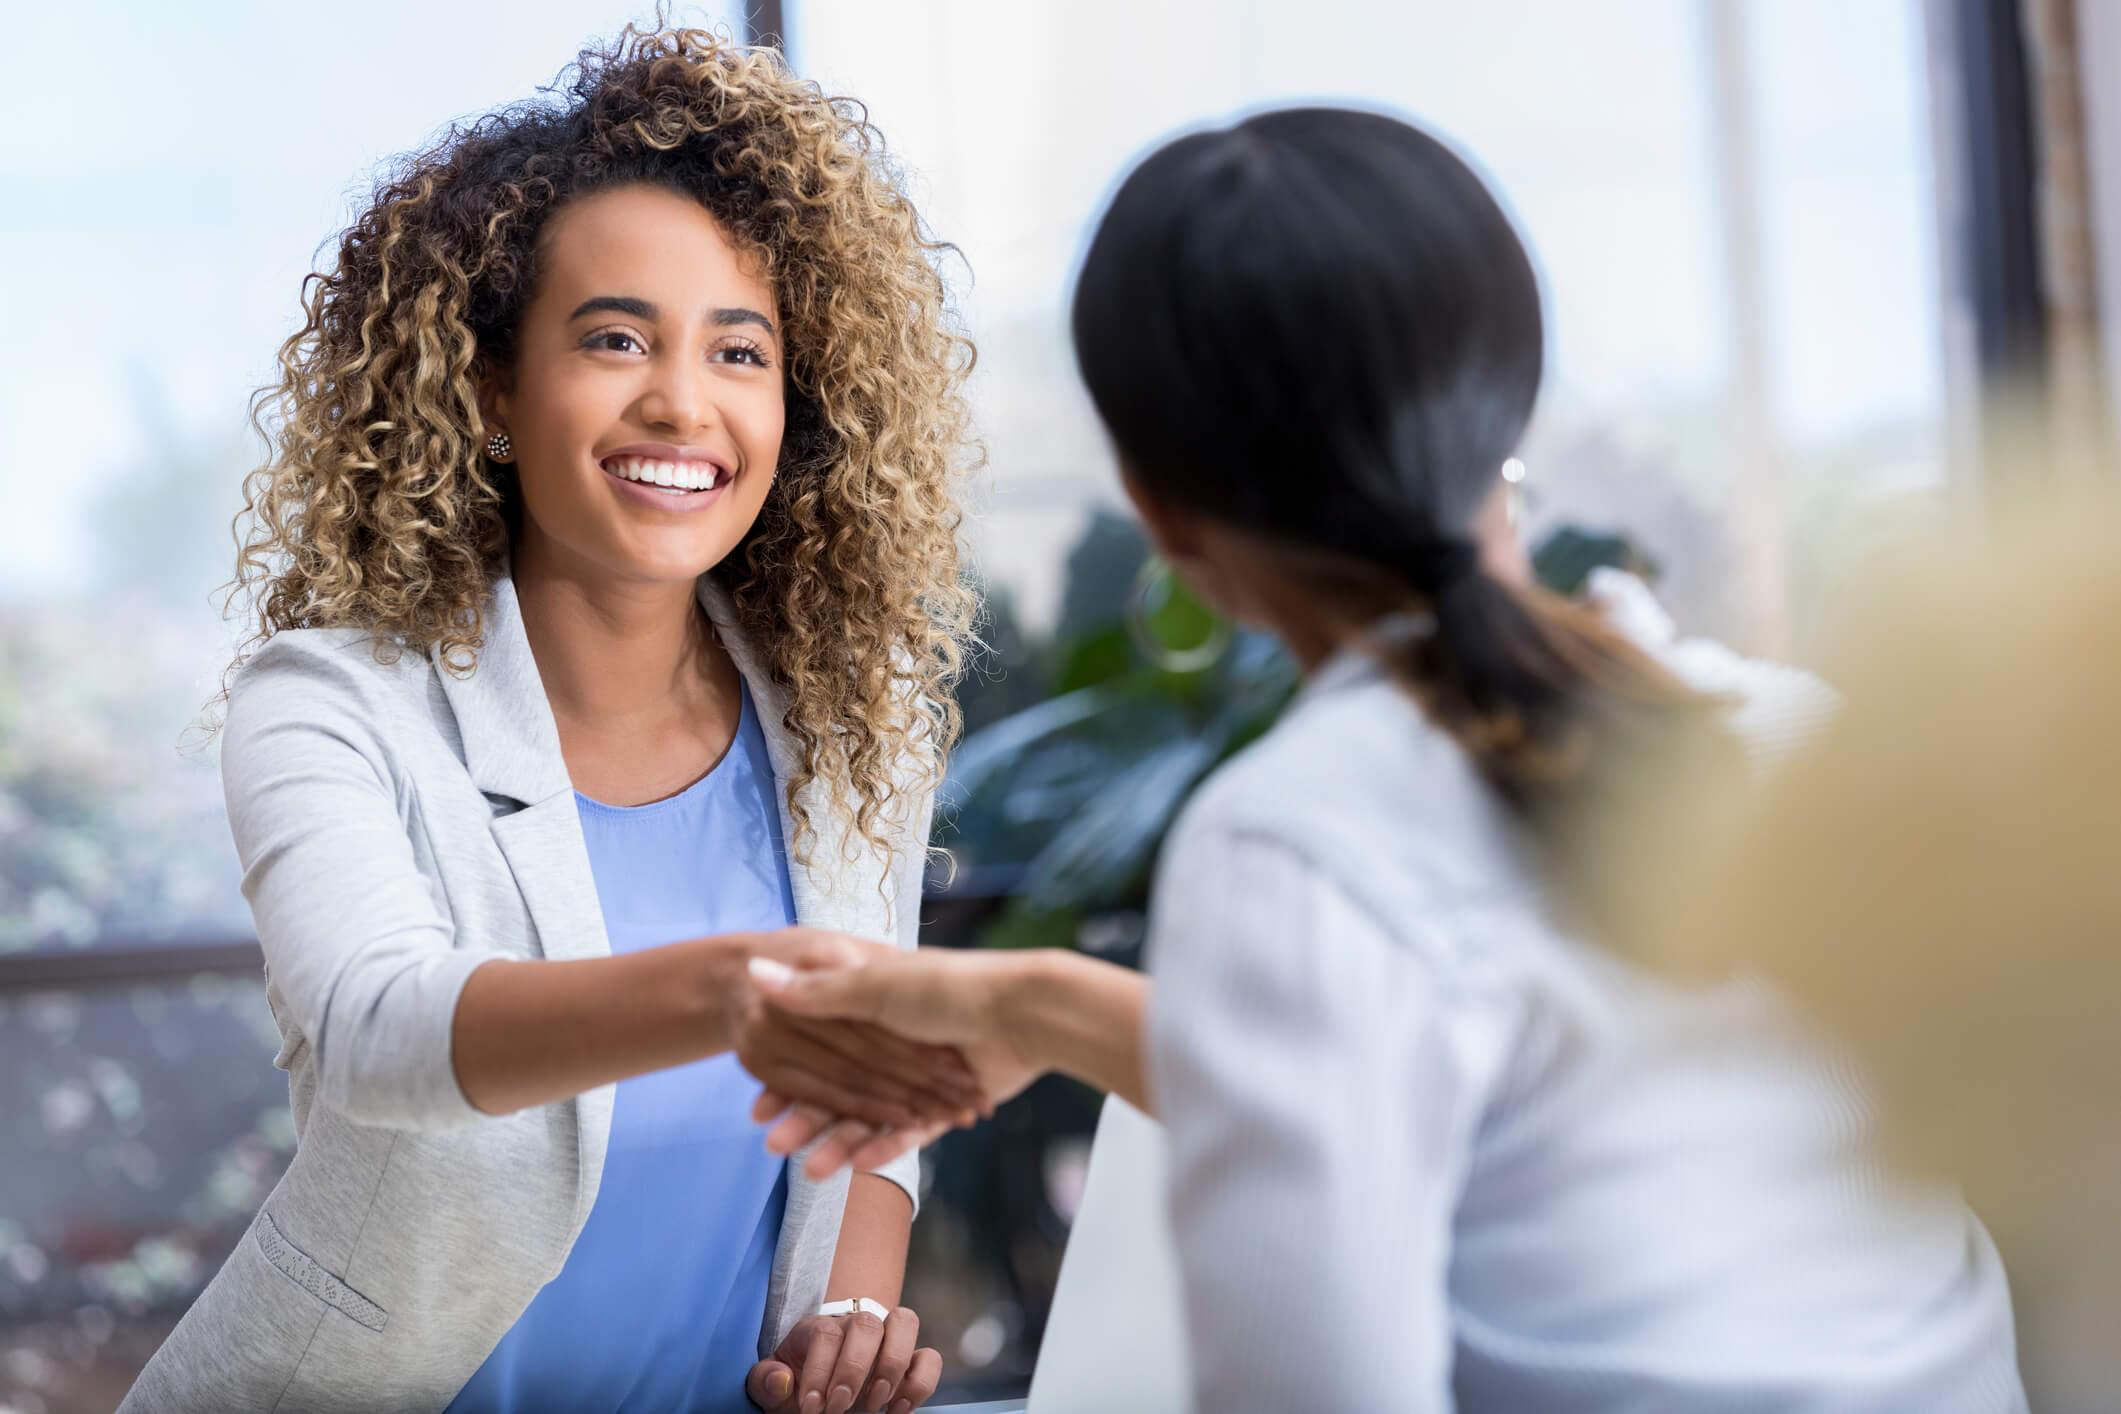 Venda consignada:saiba o que é e como utilizar no seu negócio